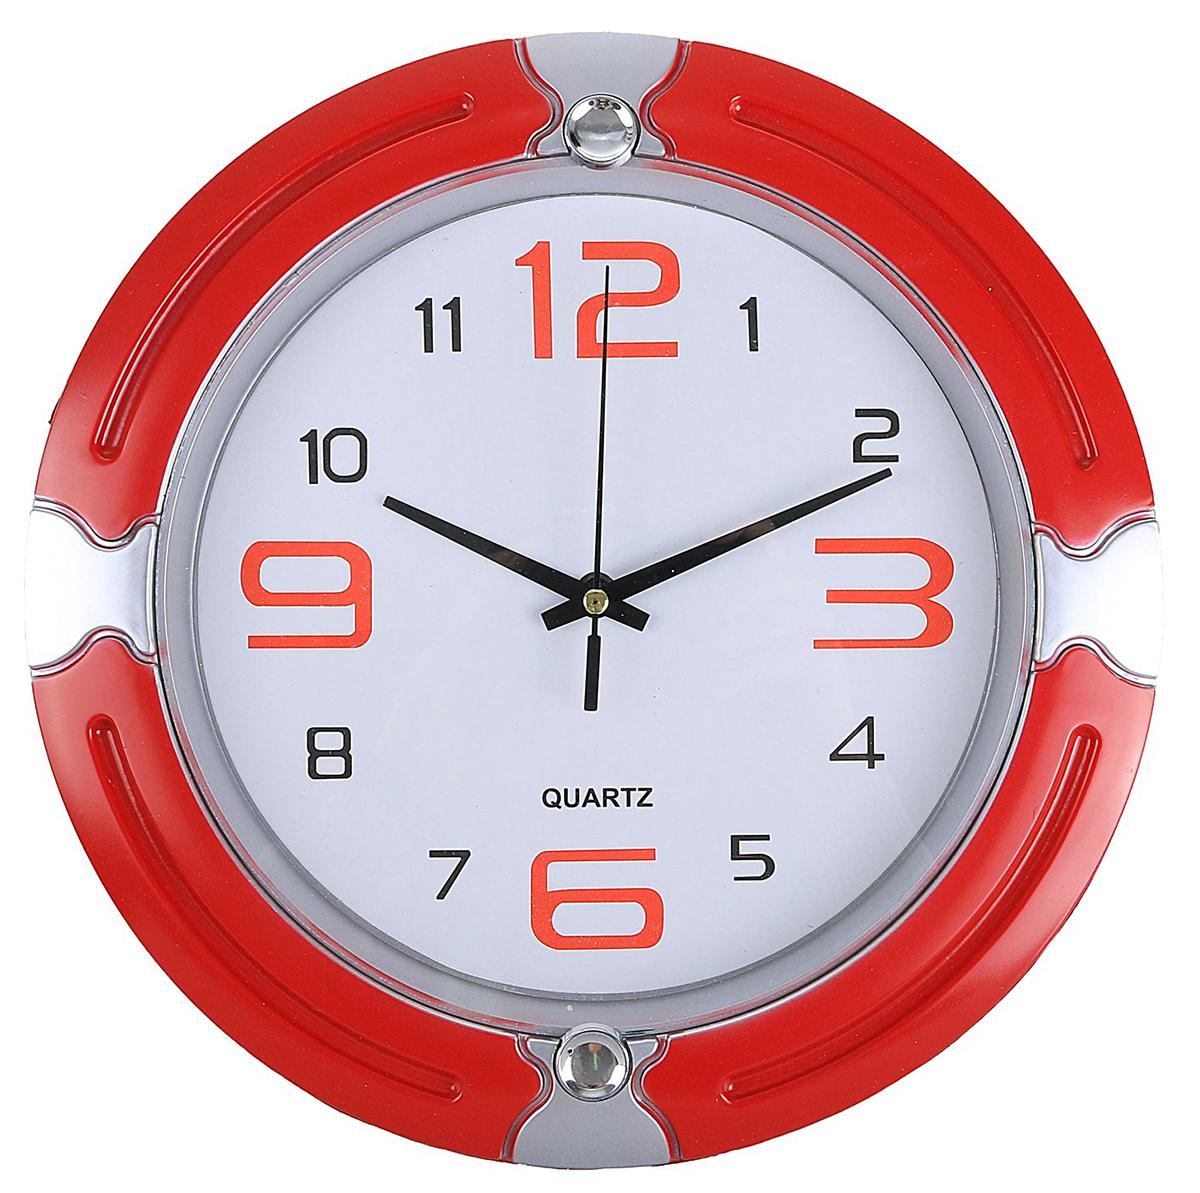 Часы настенные, цвет: красный, серебристый, диаметр 27 см2334901Каждому хозяину периодически приходит мысль обновить свою квартиру, сделать ремонт, перестановку или кардинально поменять внешний вид каждой комнаты. — привлекательная деталь, которая поможет воплотить вашу интерьерную идею, создать неповторимую атмосферу в вашем доме. Окружите себя приятными мелочами, пусть они радуют глаз и дарят гармонию.Часы настенные классика, 12,3,6,9-большие, красные, круг, серебристые вставки 27*3см 2334901